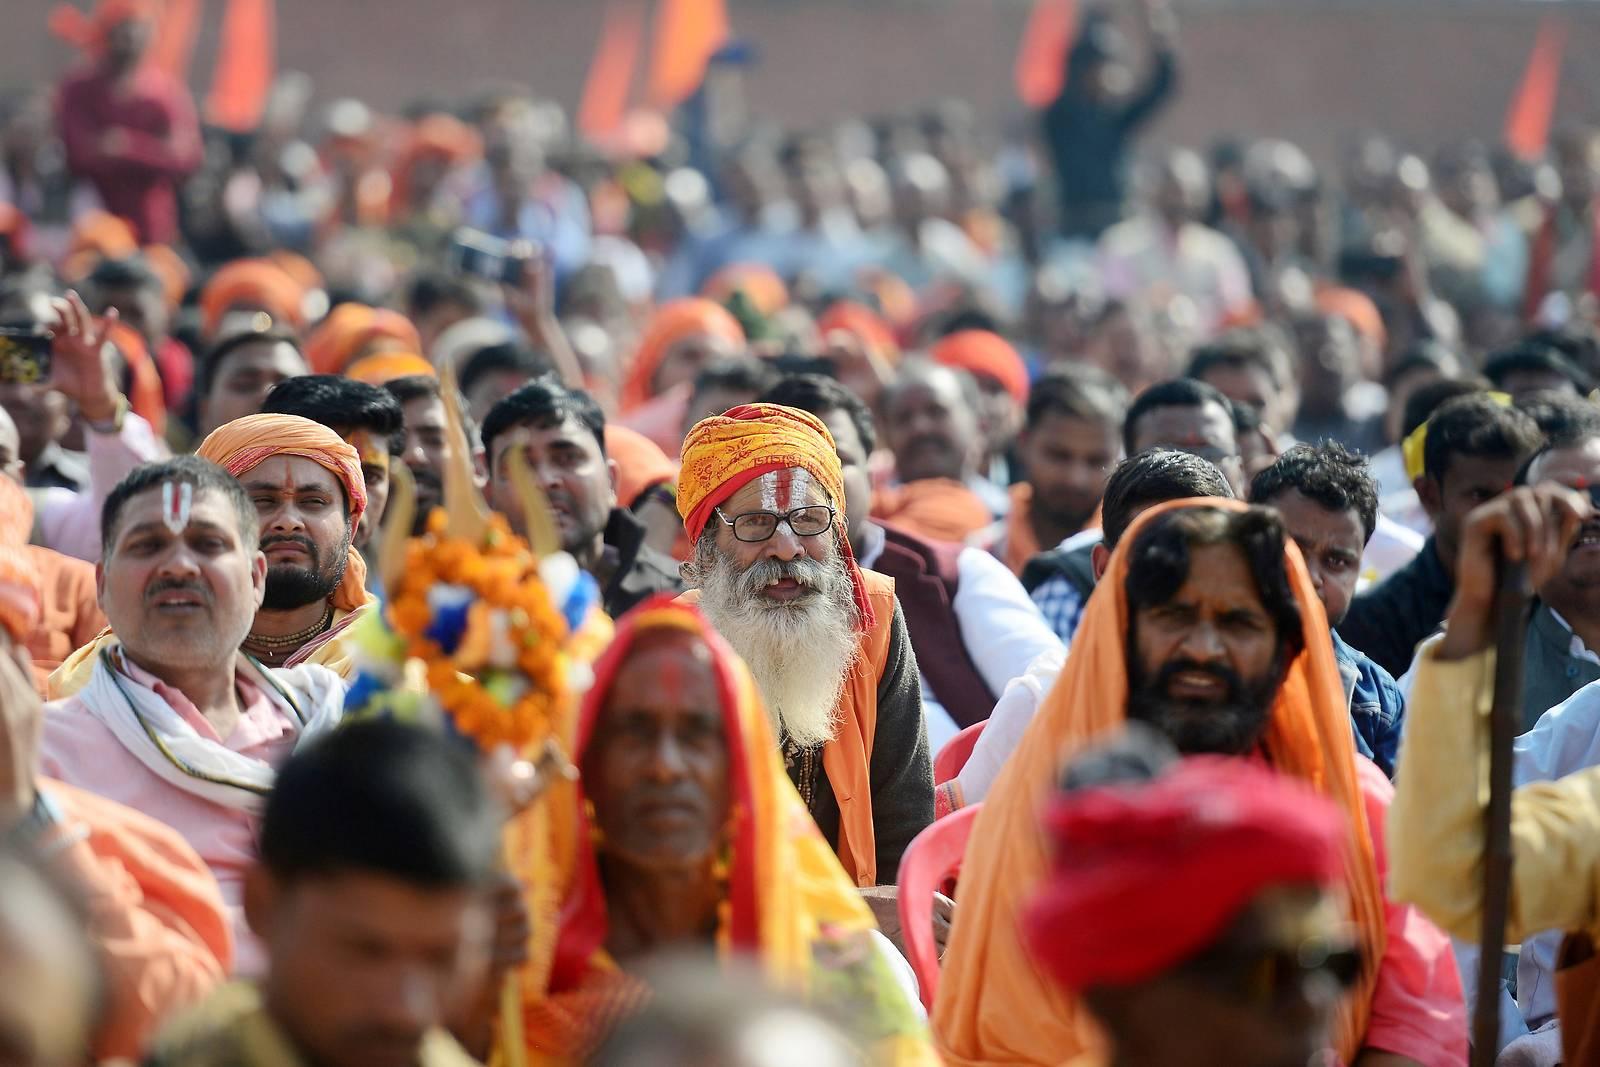 Hunderttausende Hindus fordern Tempelbau in Ayodhya